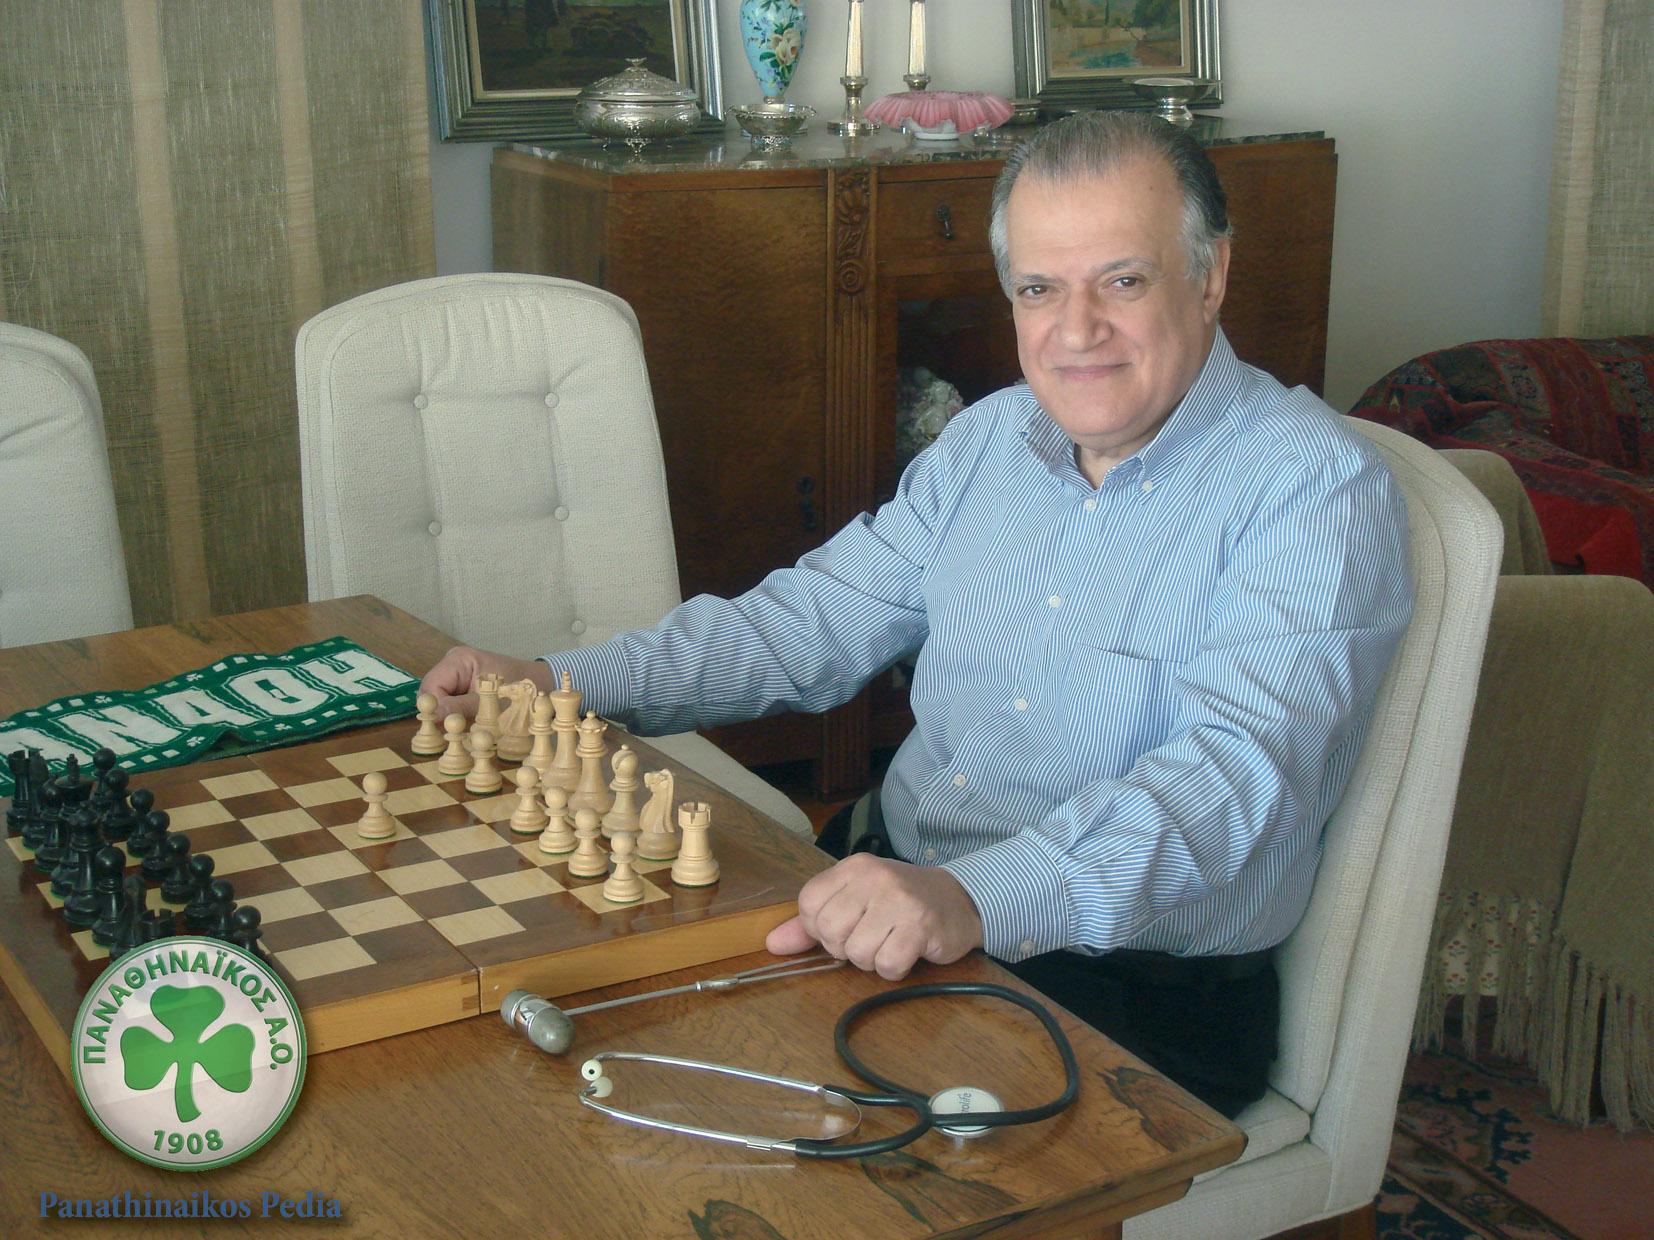 Χρήστος Κόκκορης (σκακιστής – ψυχίατρος)